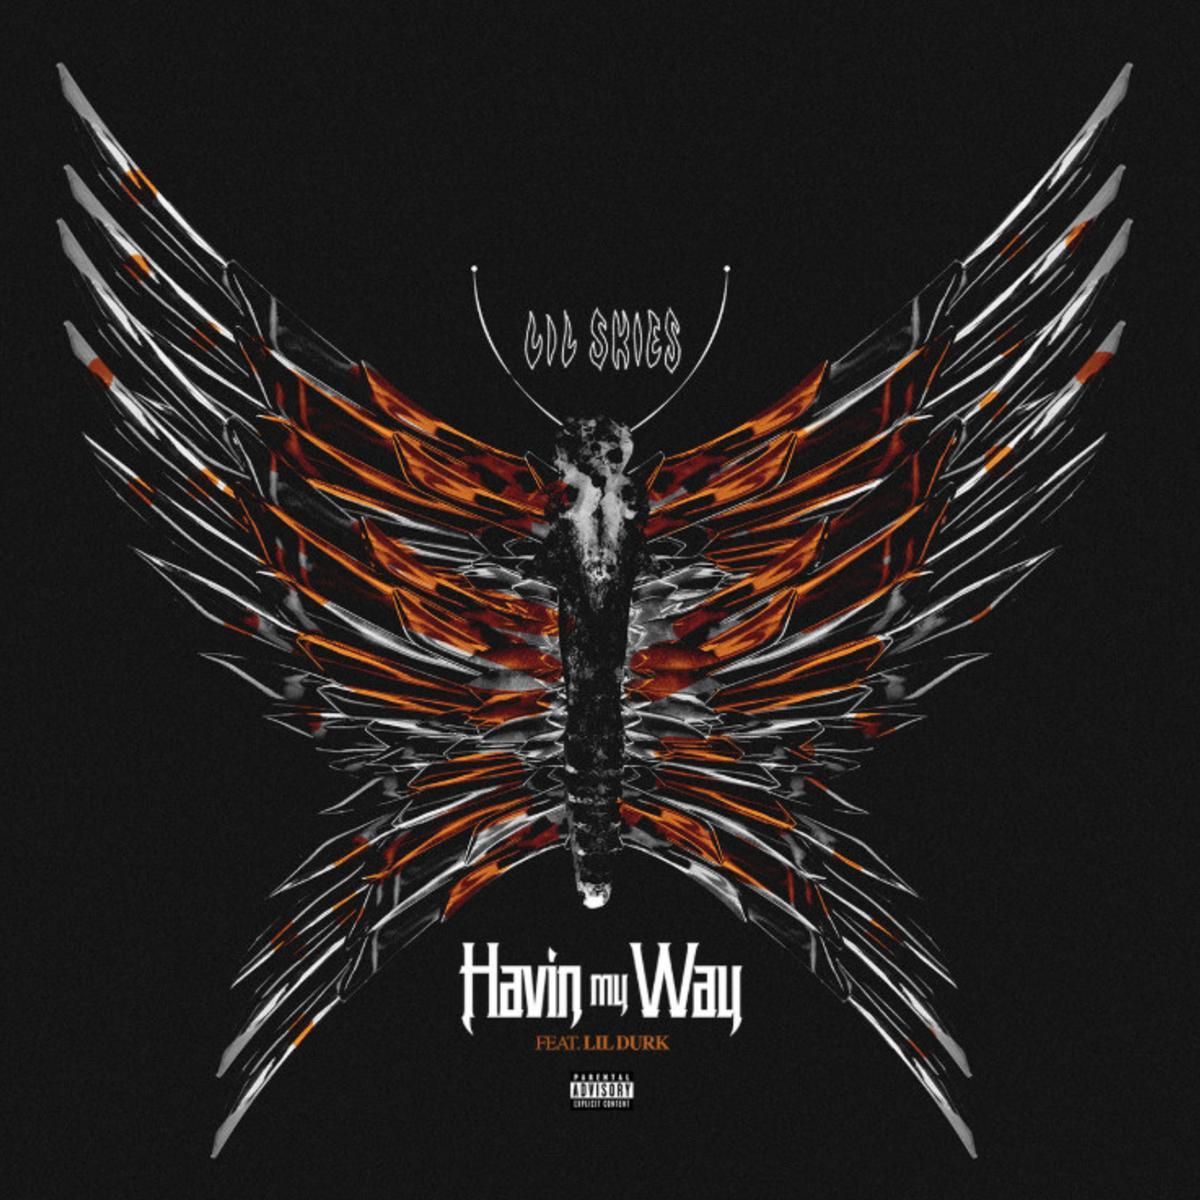 Lil Skies Feat. Lil Durk - Havin My Way